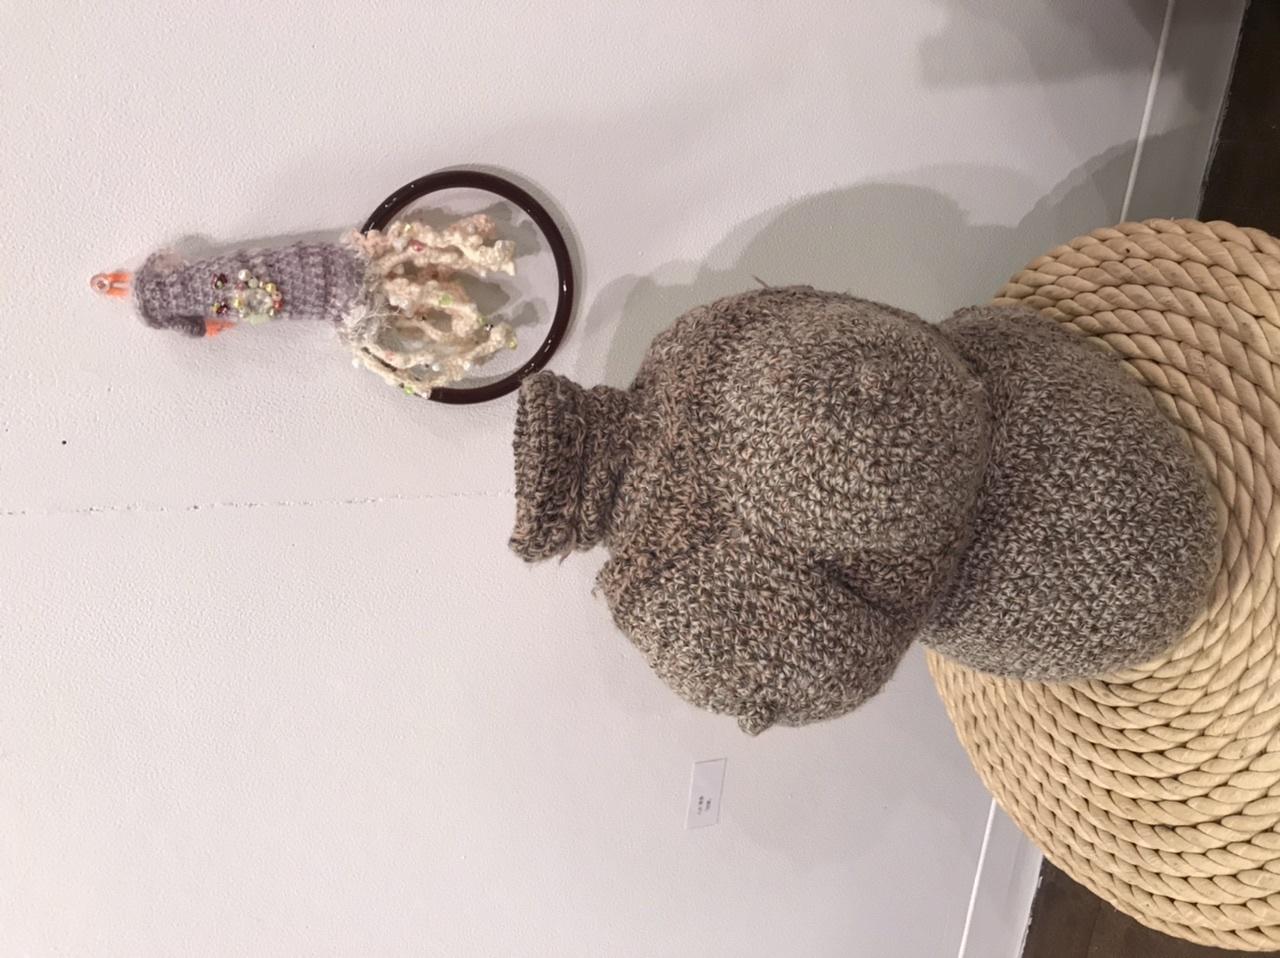 @KCUAギャラリー「おかんアートと現代アートをいっしょに展示する企画展」_f0189227_20003134.jpeg